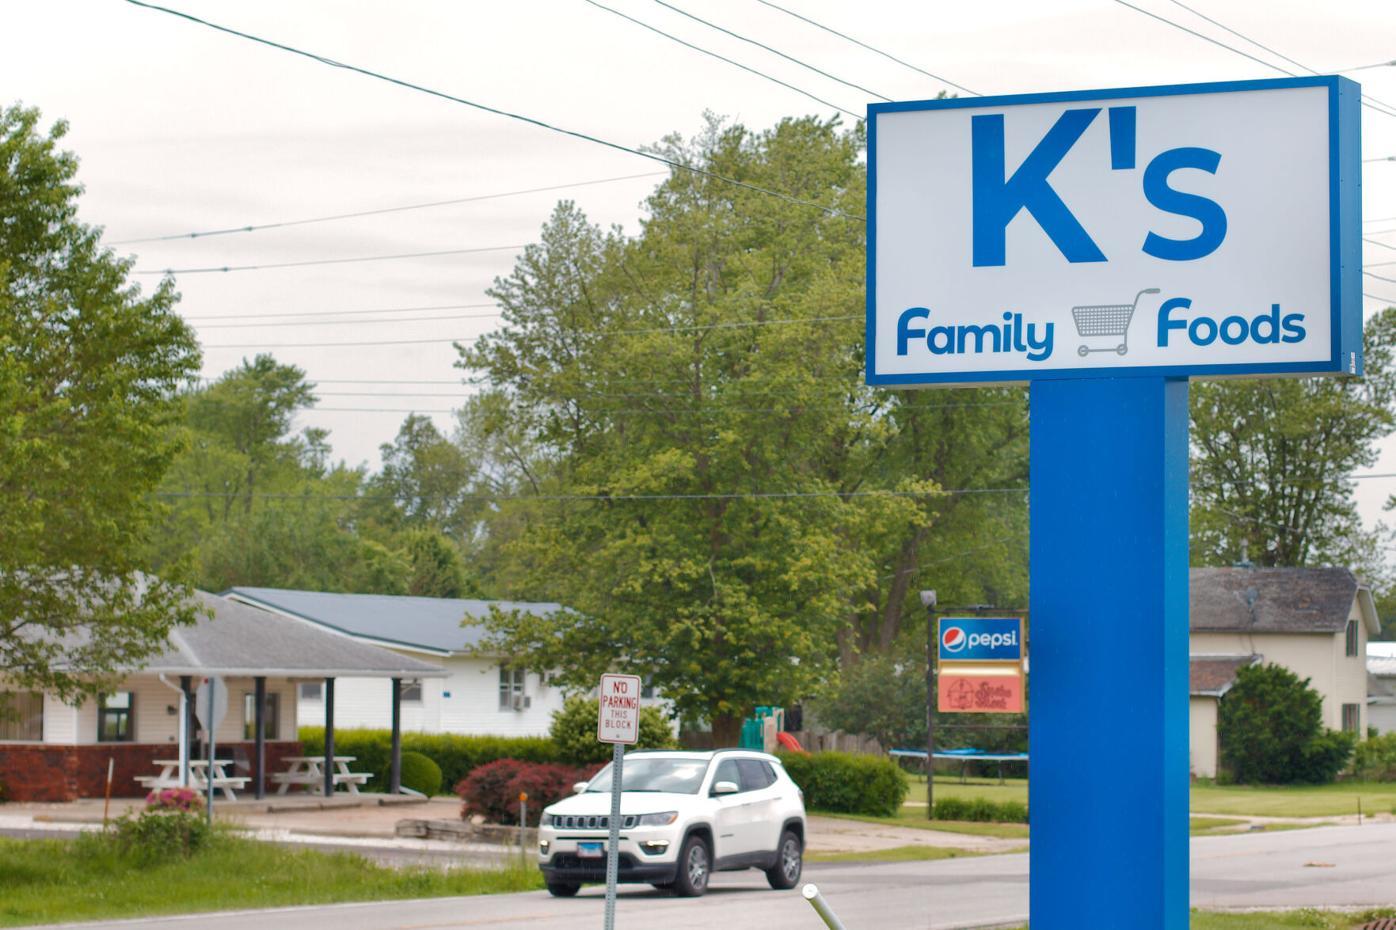 K's Family Foods